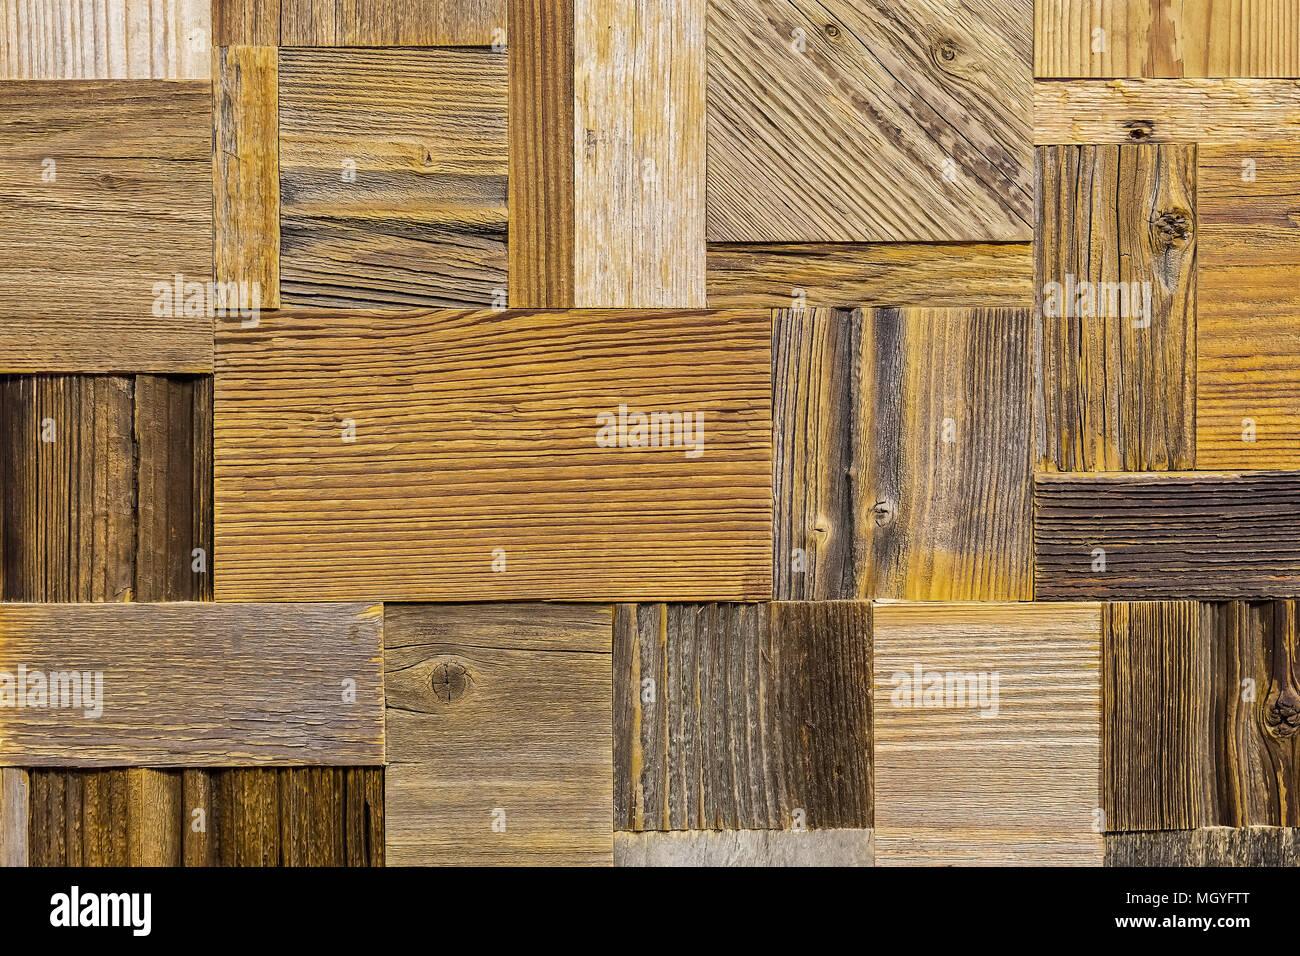 Tecnica di costruzione in legno diversi brown in vero legno